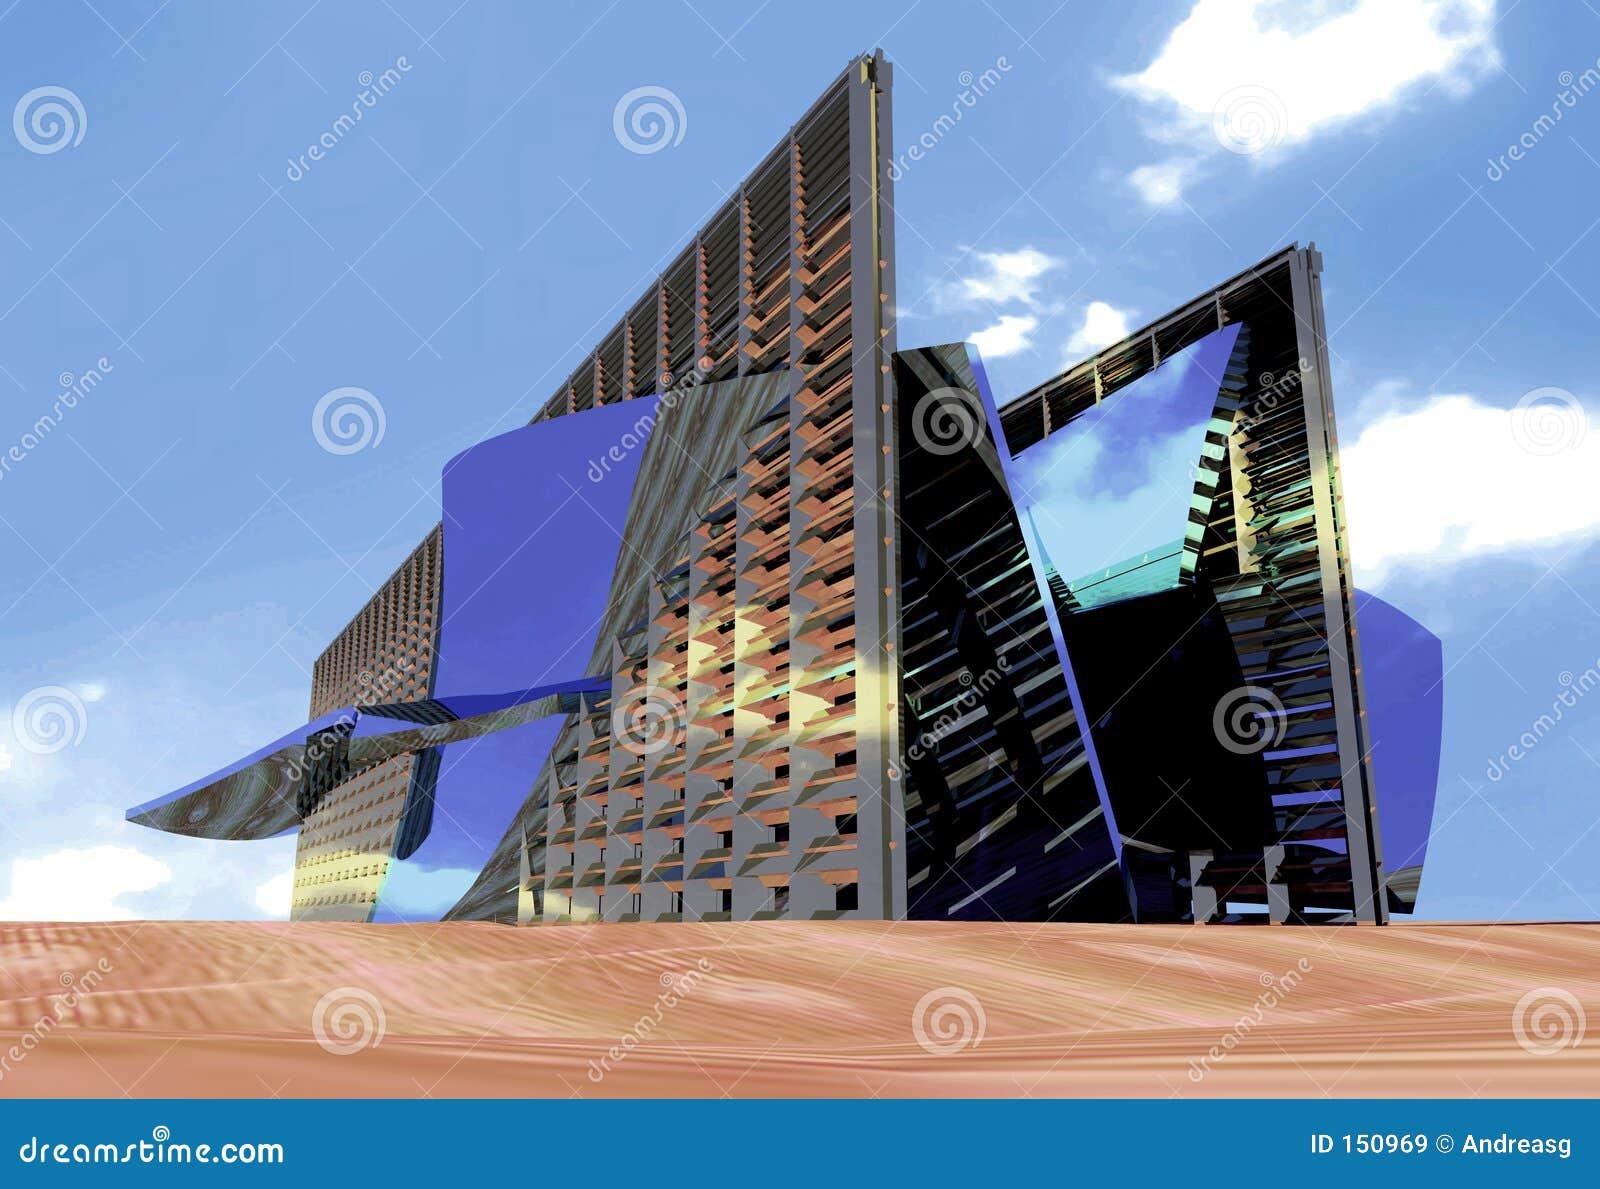 αρχιτεκτονική μορφή